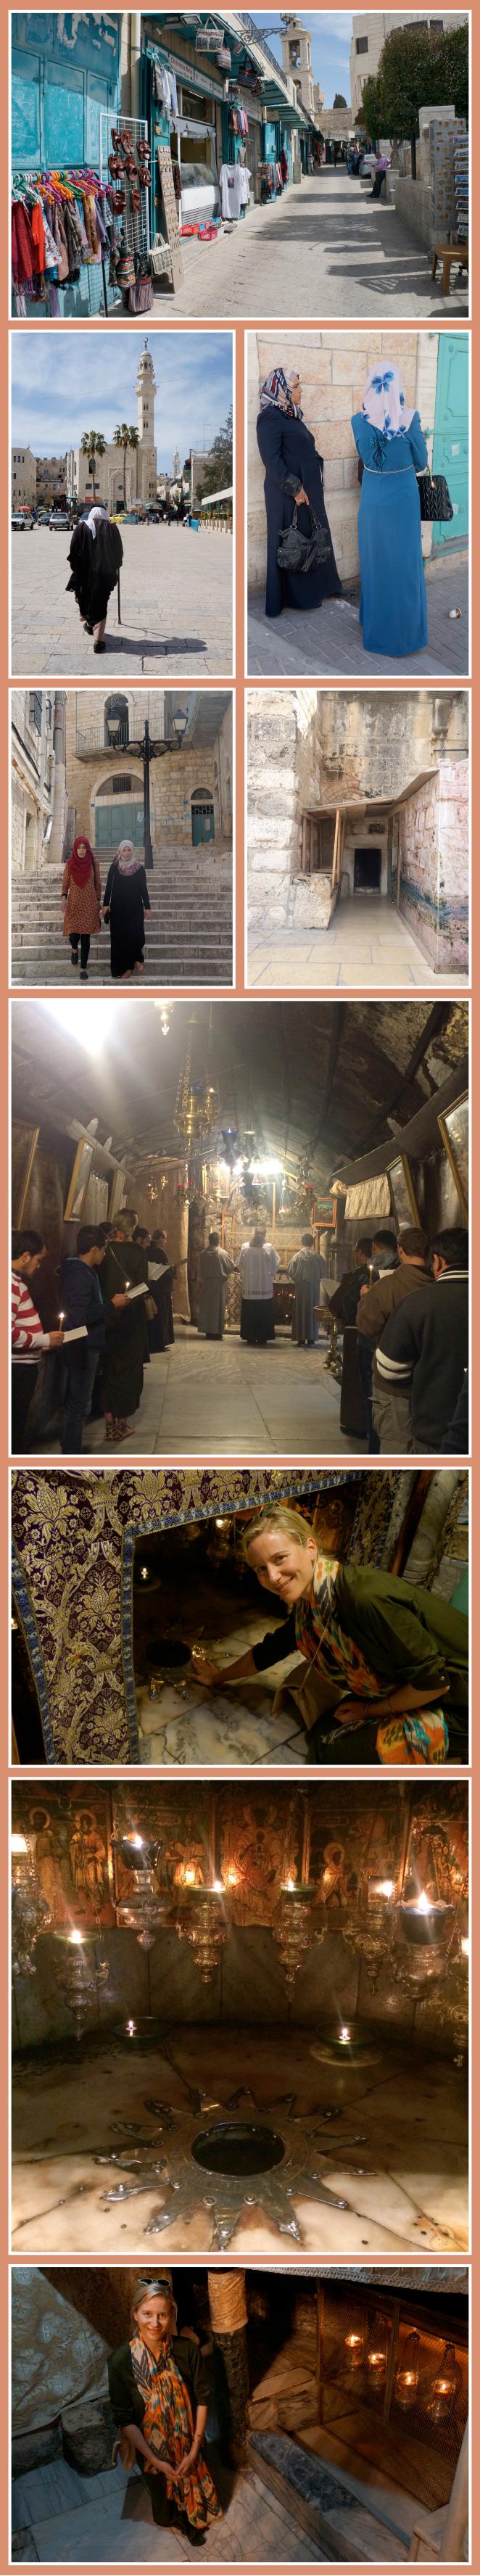 La Basílica de la Natividad y la gruta de la Natividad